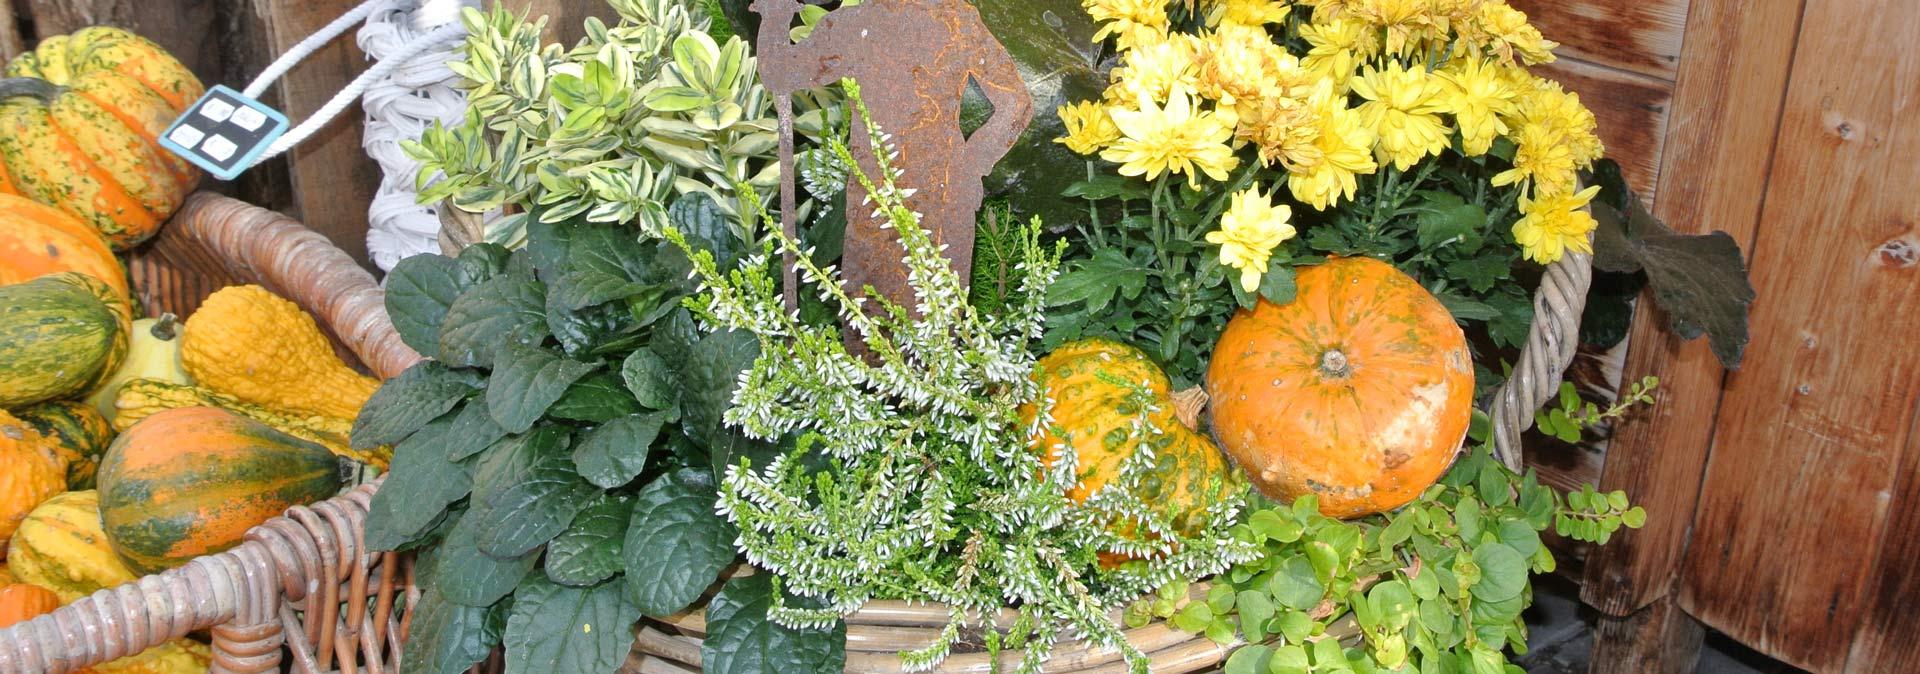 Kürbisse und Blumen